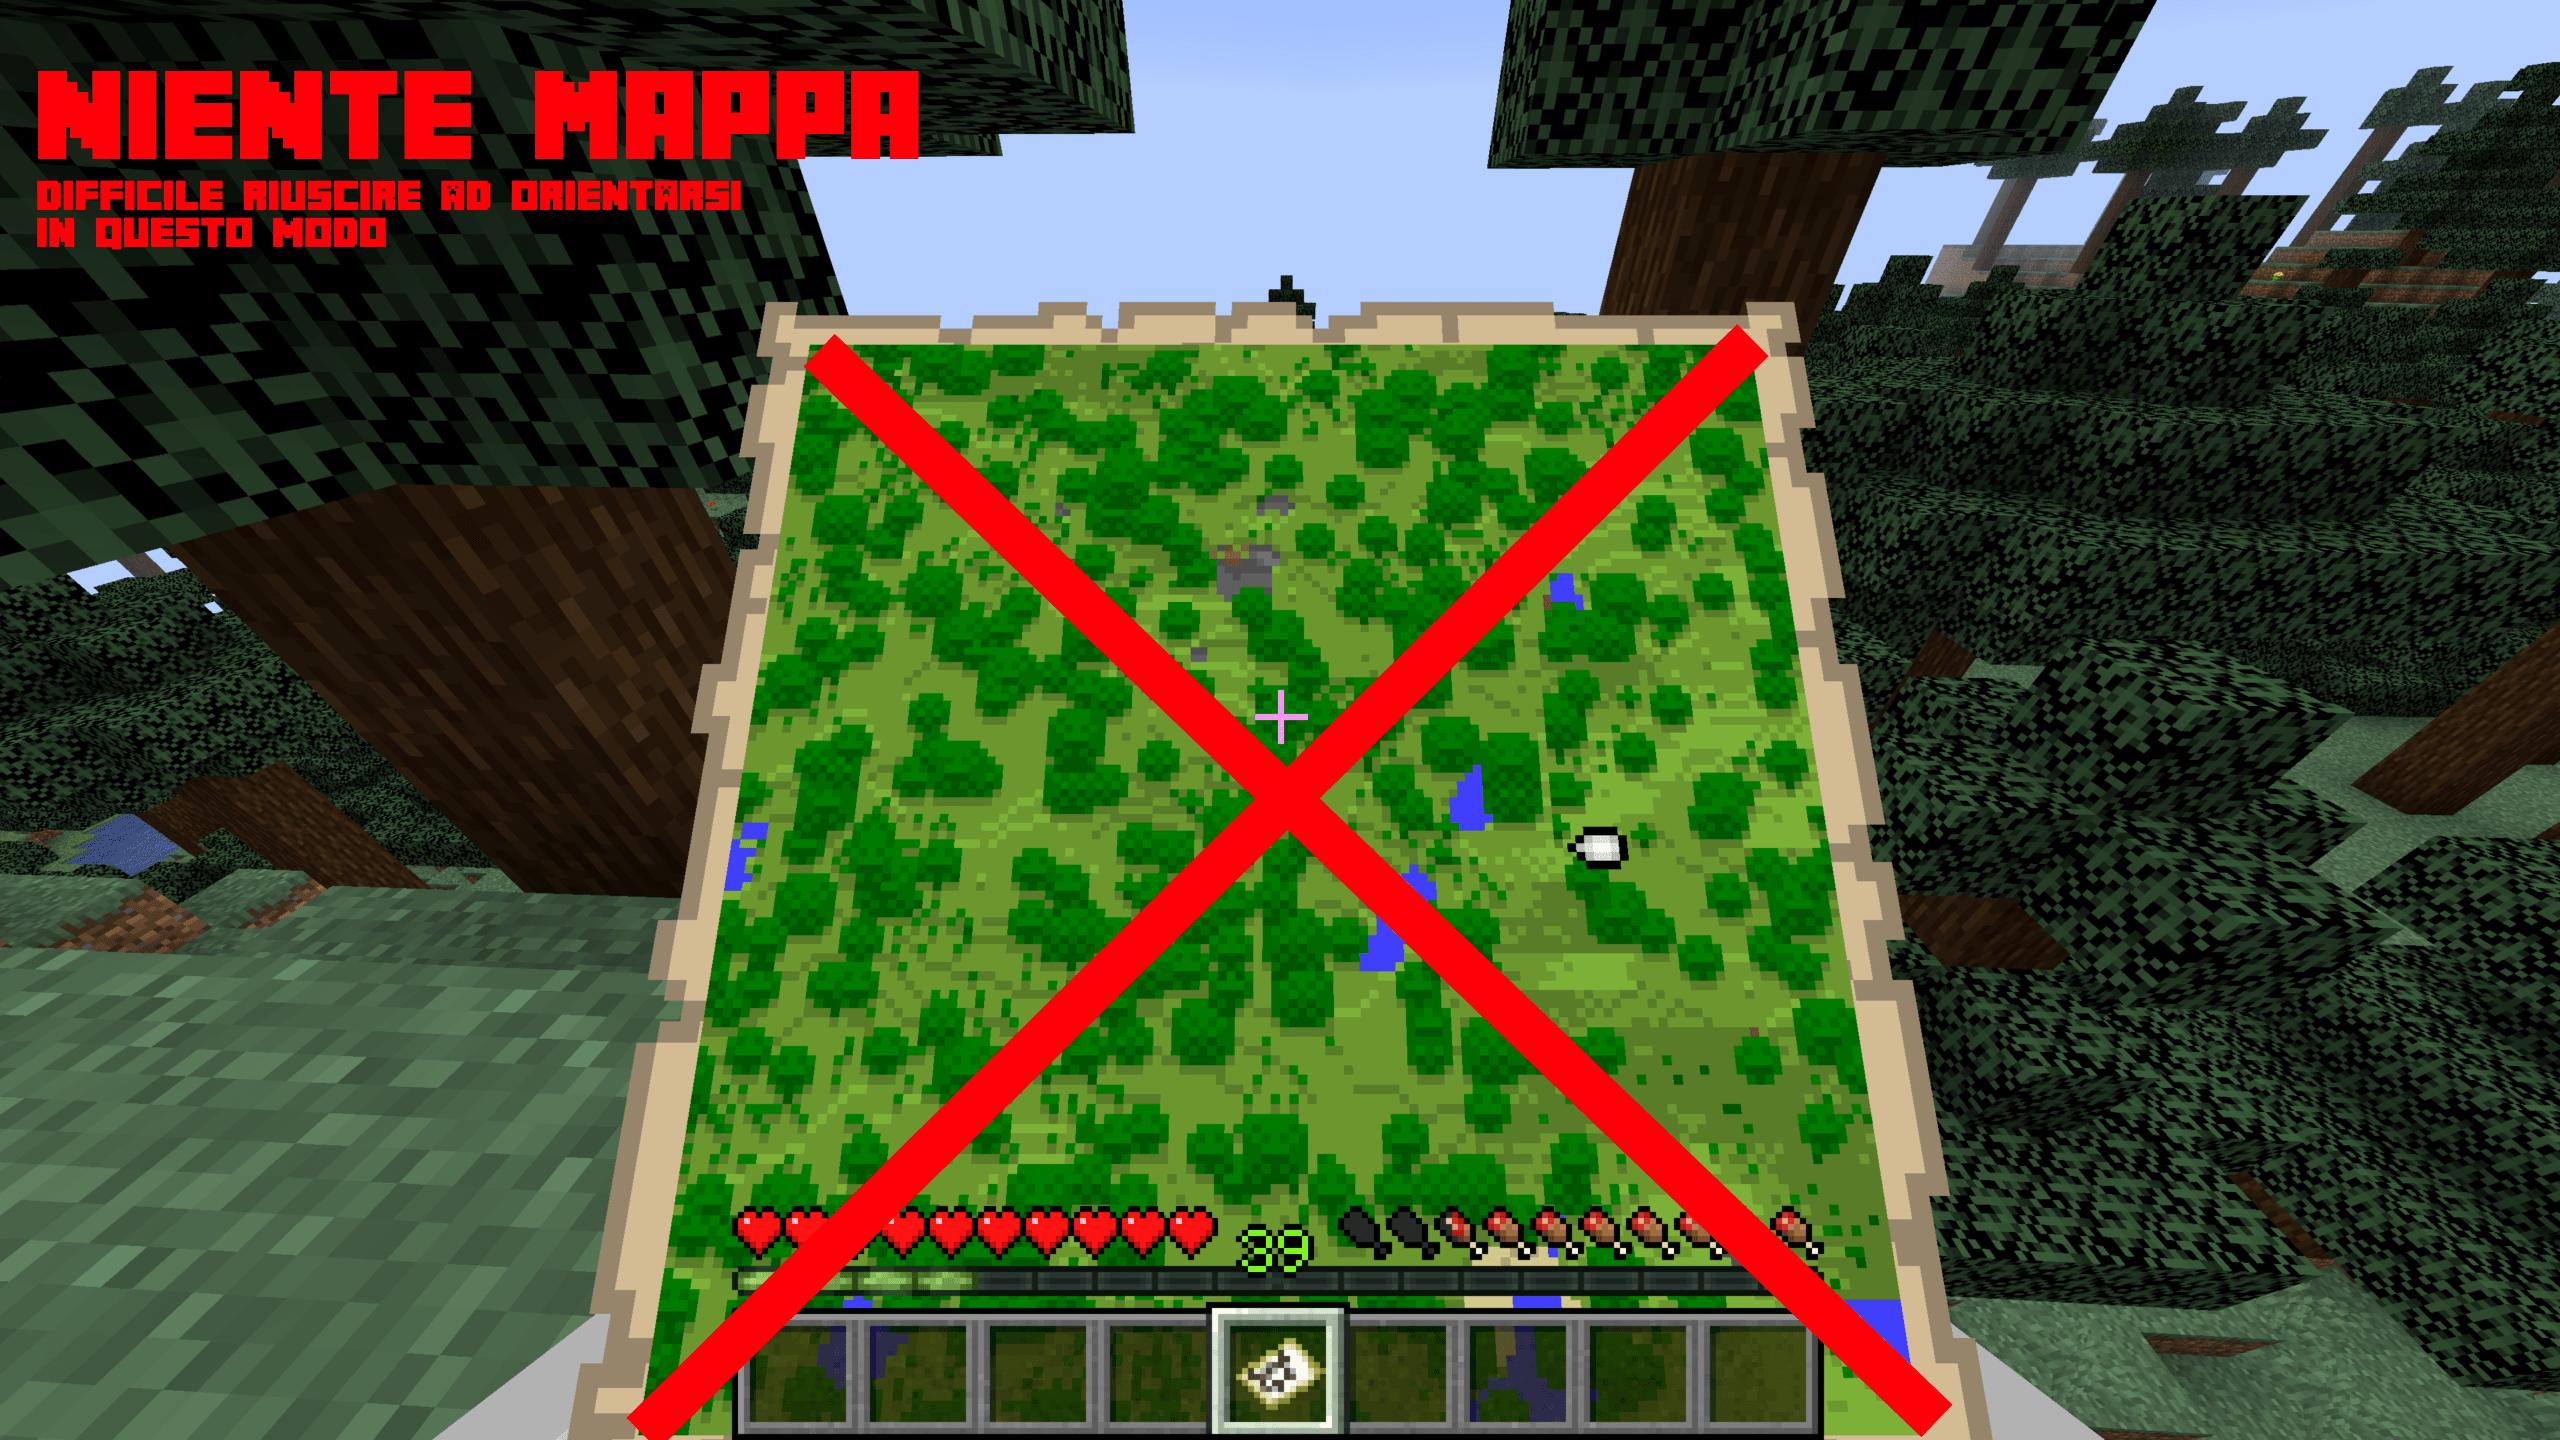 Primo metodo per orientarsi in Minecraft - senza mappa. È più difficile perché devi ricordare come è fatto il territorio che ti circonda, per poi orientarti. Spesso non si sa come è fatto un territorio sconosciuto, e infatti c'è il Metodo 2.